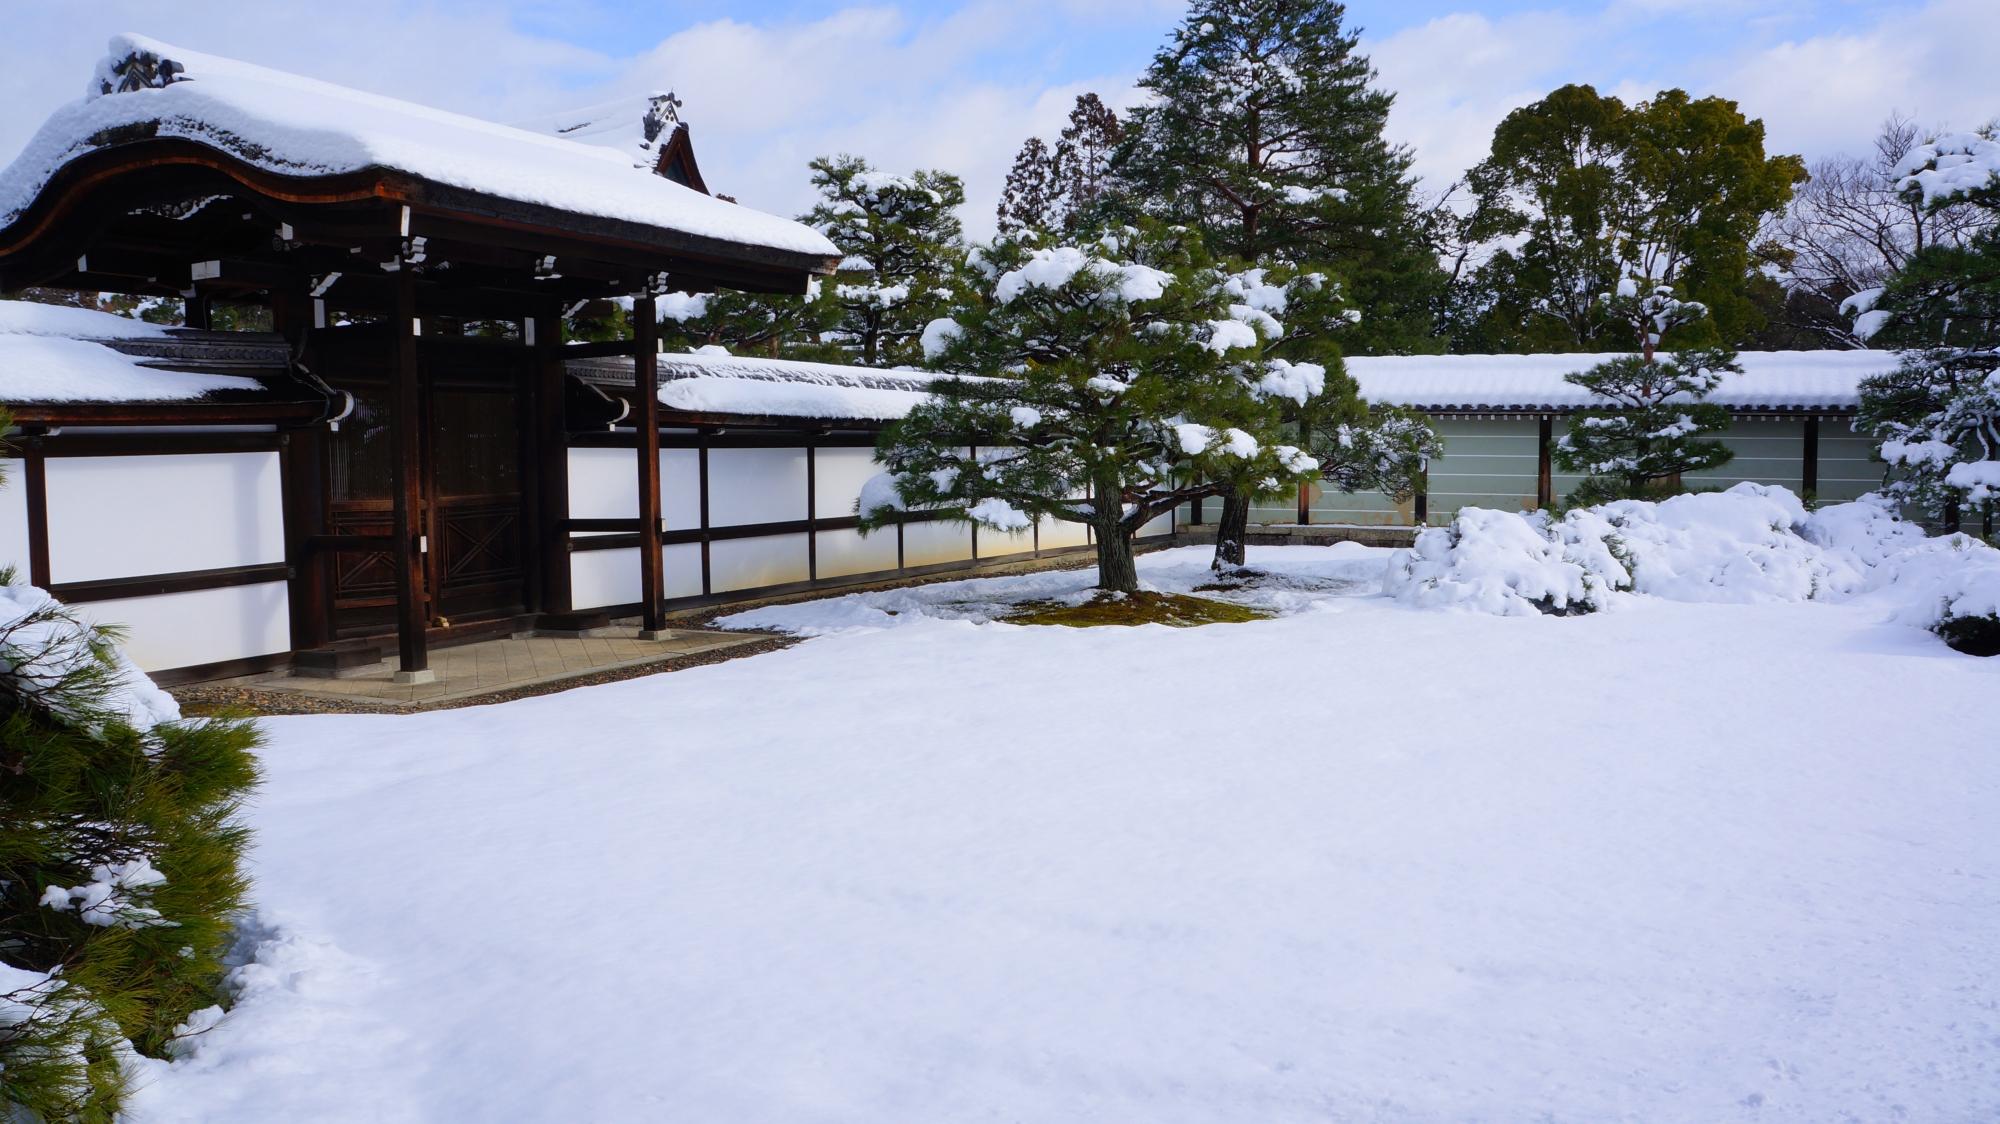 仁和寺の一面真っ白な雪に覆われた御殿玄関前